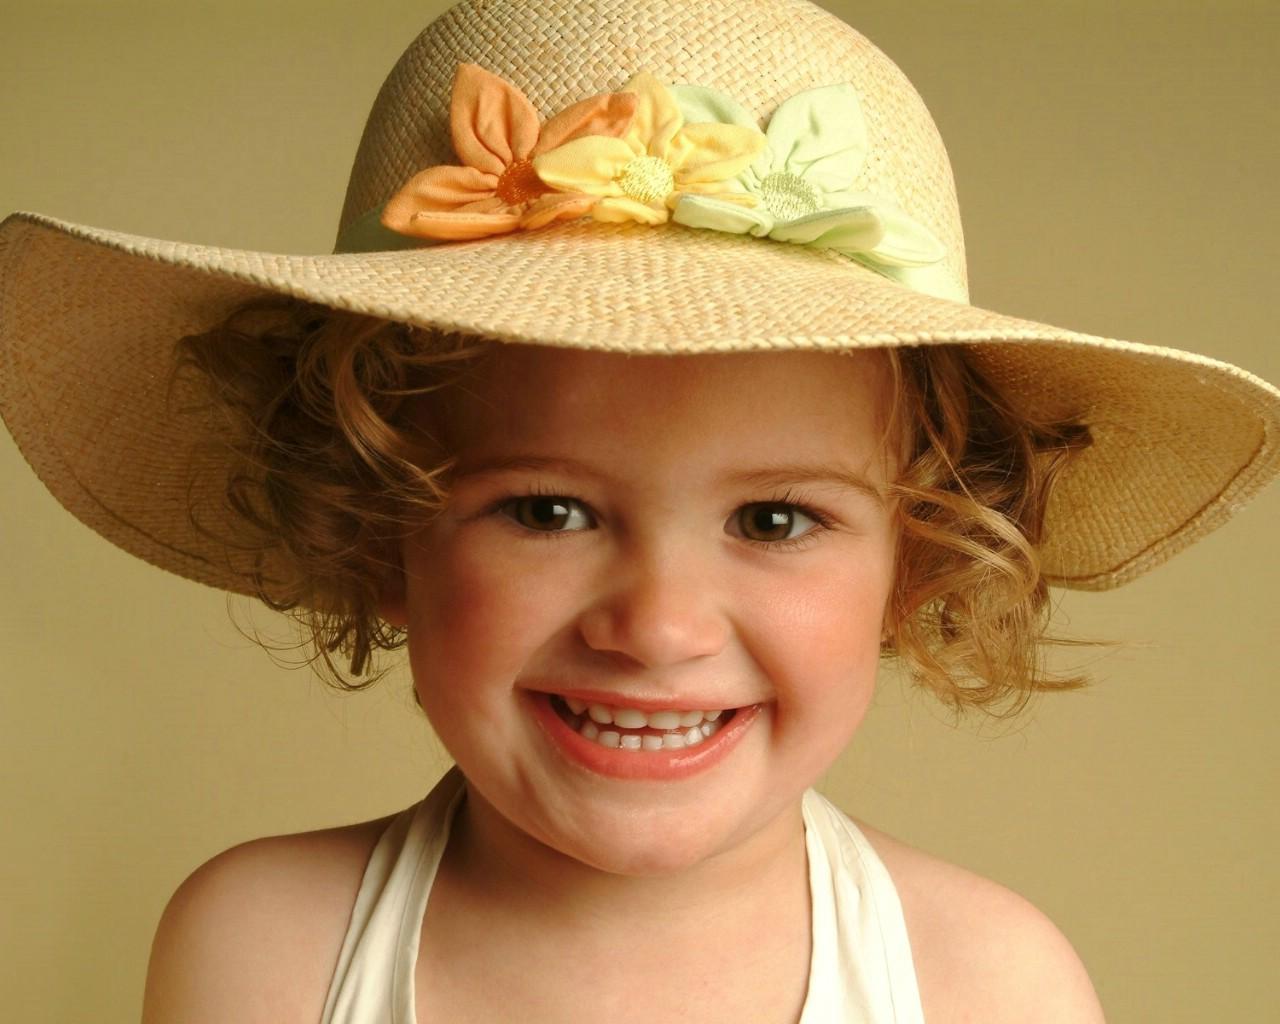 卷发女孩可爱手机可爱儿童摄影欧美小女生桌面壁纸【可爱小孩电脑